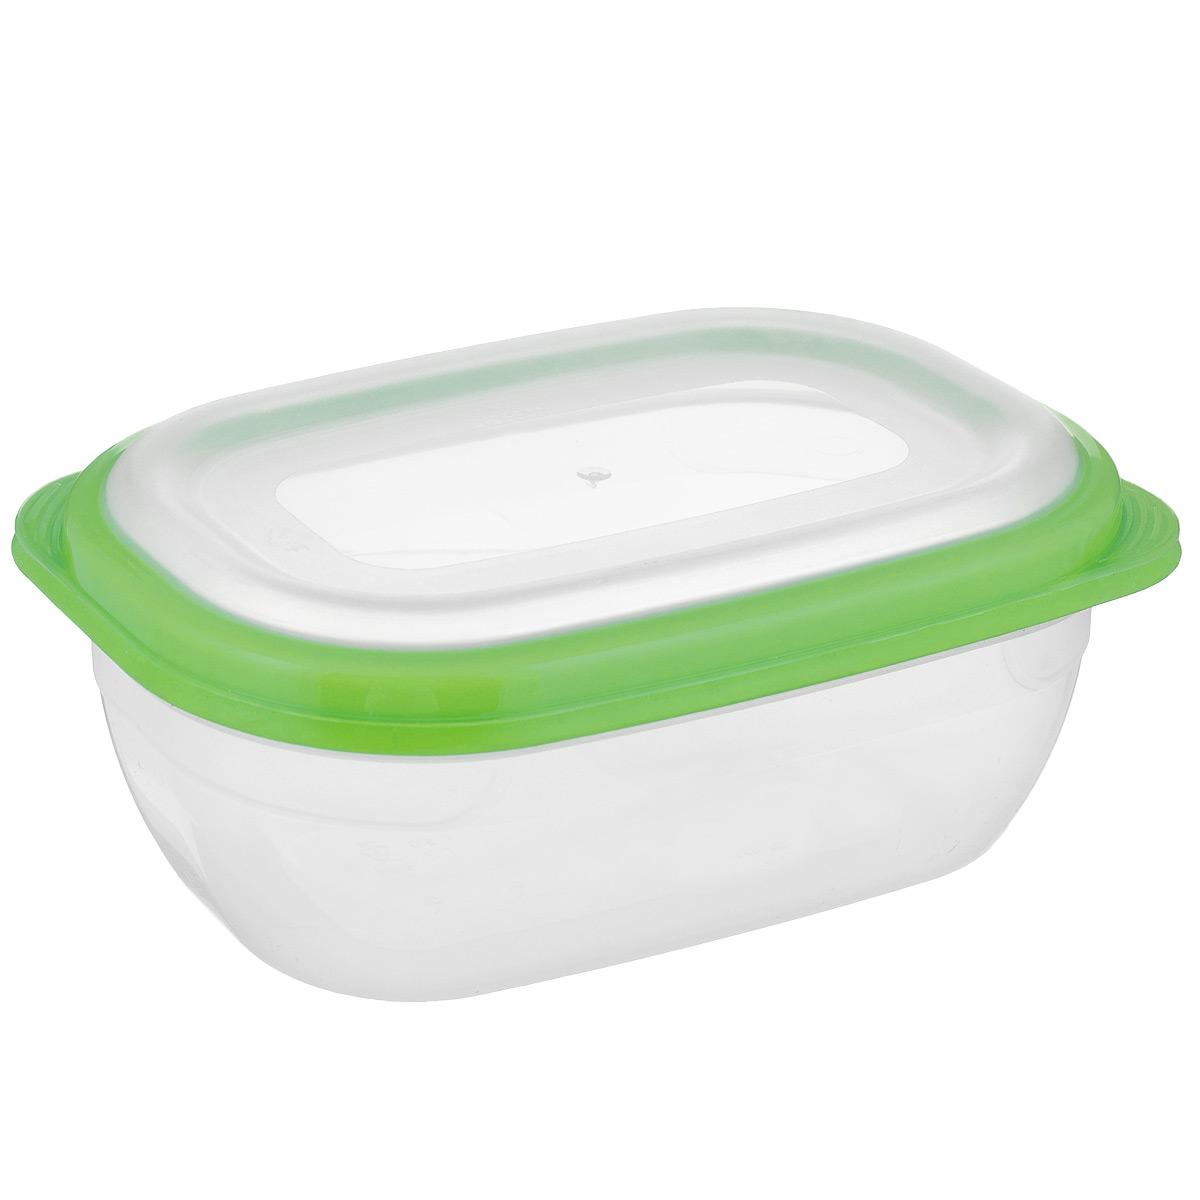 Контейнер для СВЧ Полимербыт Премиум, цвет: салатовый, прозрачный, 0,5 л54 009312Прямоугольный контейнер для СВЧ Полимербыт Премиум изготовлен из высококачественного прочного пластика, устойчивого к высоким температурам (до +110°С). Крышка плотно и герметично закрывается, дольше сохраняя продукты свежими и вкусными. Контейнер идеально подходит для хранения пищи, его удобно брать с собой на работу, учебу, пикник или просто использовать для хранения пищи в холодильнике.Подходит для разогрева пищи в микроволновой печи и для заморозки в морозильной камере (при минимальной температуре -40°С). Можно мыть в посудомоечной машине.